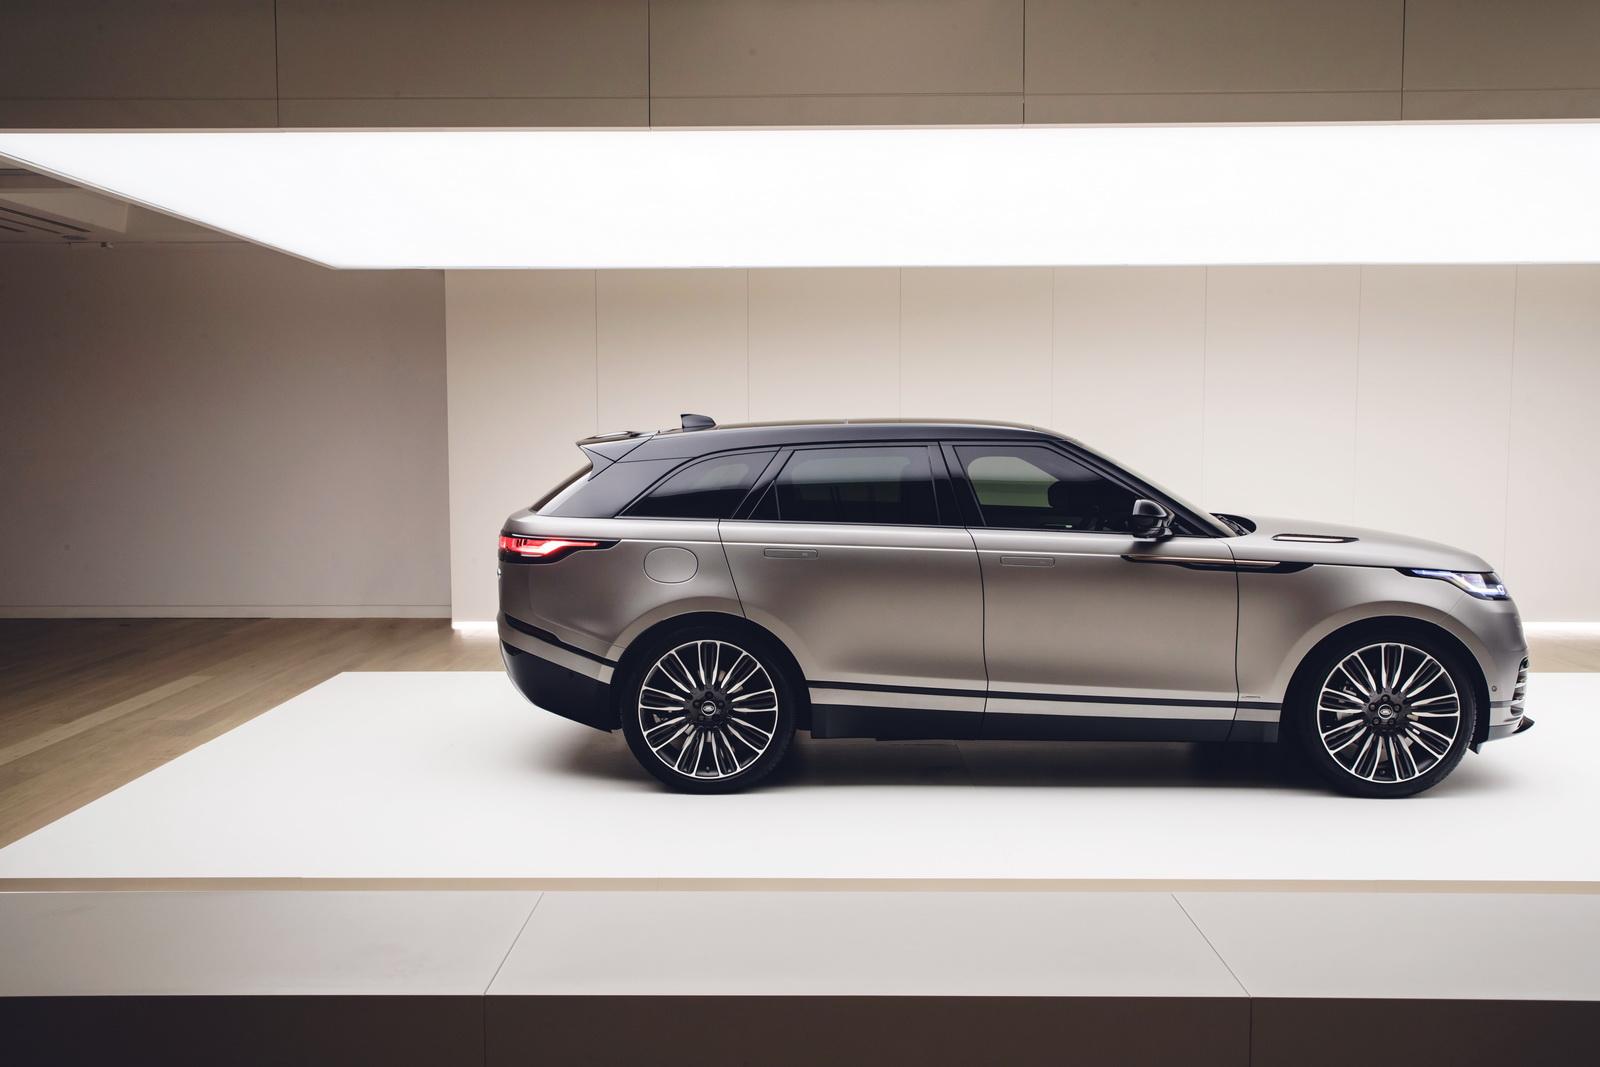 Range Rover Velar in Geneva 2017 (46)